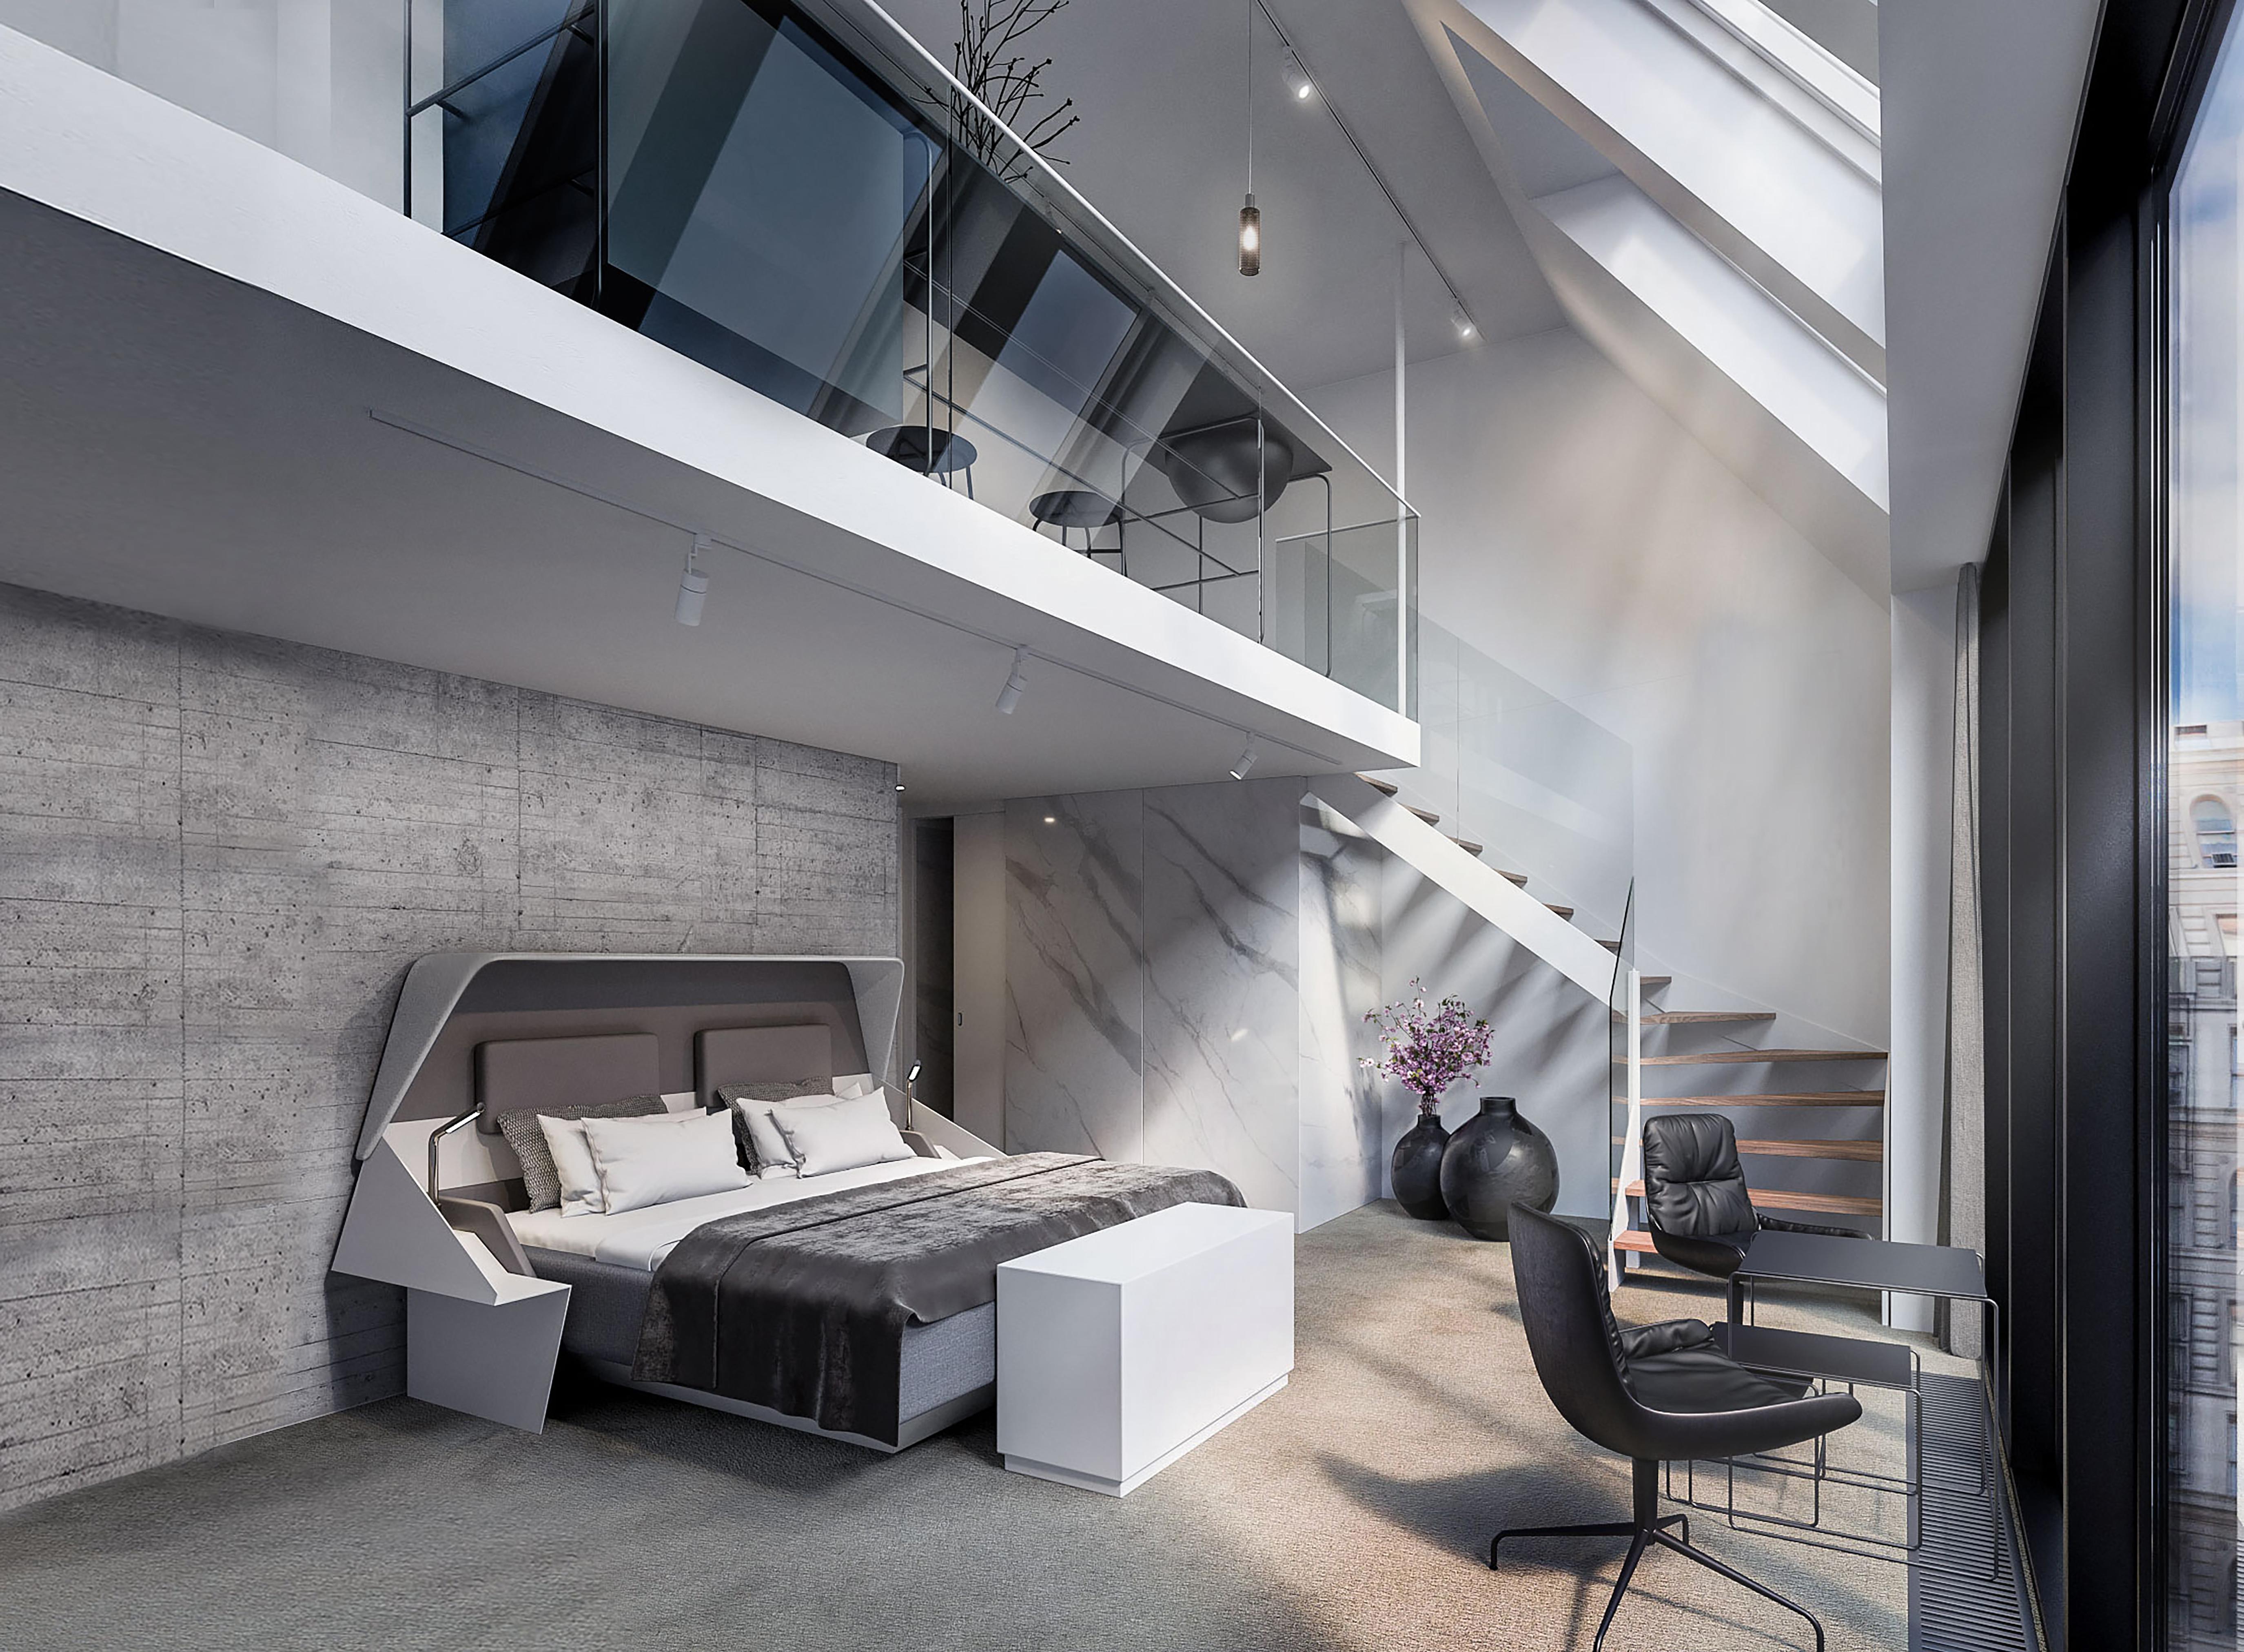 Penthouse-suiten på Hotel Herman K i København, der åbner næste måned. Foto: Brøchner Hotels.